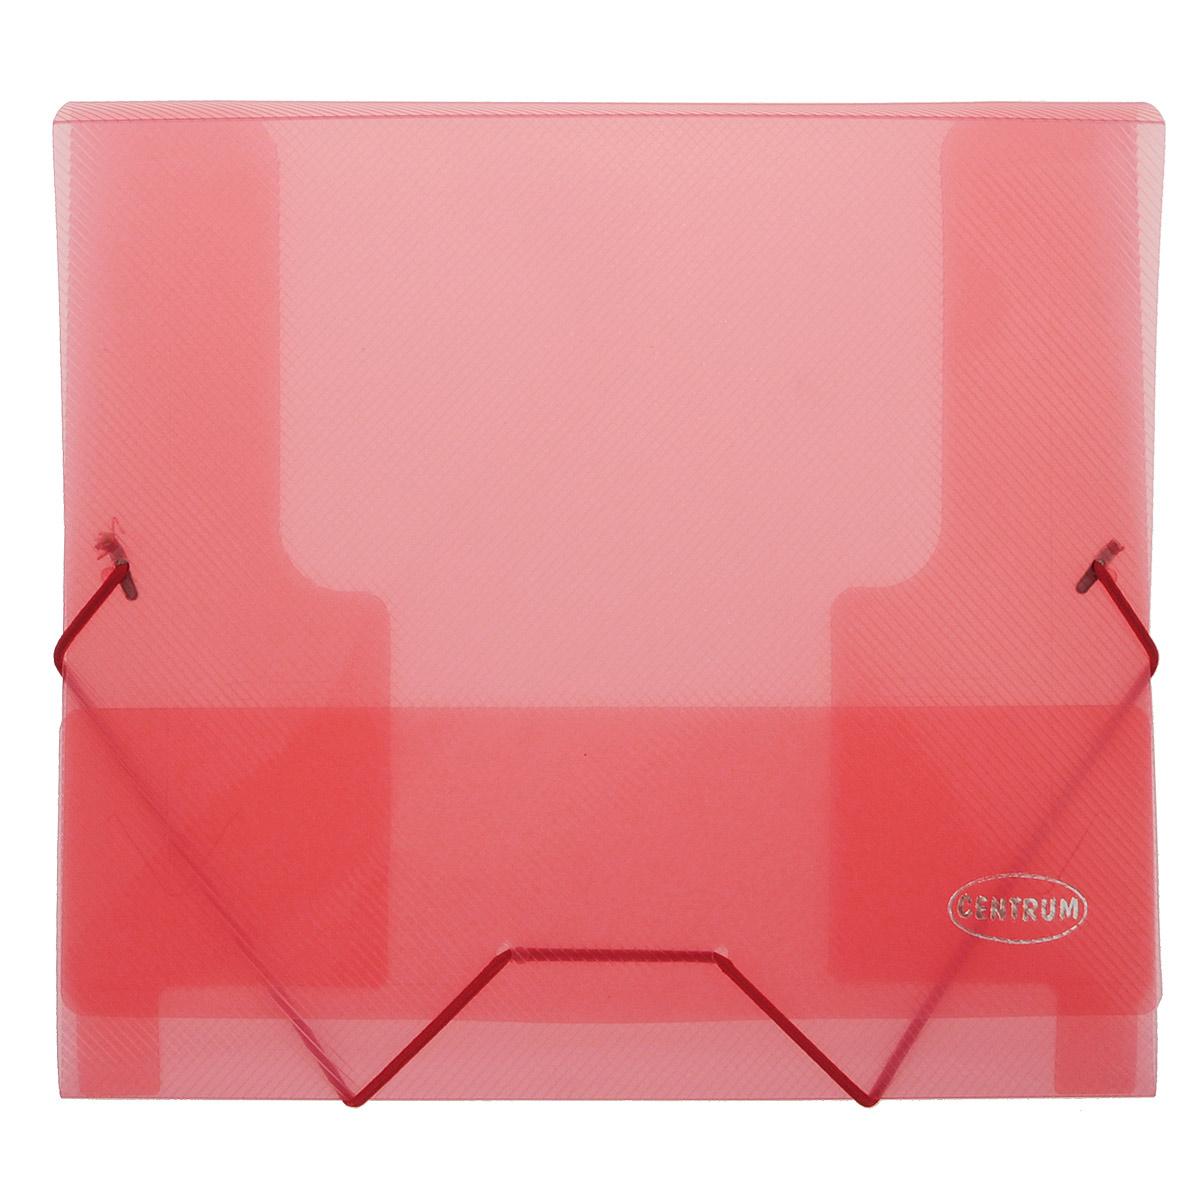 Папка-конверт на резинках Centrum, формат А5, цвет: красный80800 красныйПапка-конверт на резинке Centrum - это удобный и функциональный офисный инструмент, предназначенный для хранения и транспортировки рабочих бумаг и документов формата А5.Папка с двойной угловой фиксацией резиновой лентой изготовлена из износостойкого полупрозрачного полипропилена.Внутри папка имеет три клапана, что обеспечивает надежную фиксацию бумаг и документов. Оформлена тиснением в виде параллельной штриховки. Папка - это незаменимый атрибут для студента, школьника, офисного работника. Такая папка надежно сохранит ваши документы и сбережет их от повреждений, пыли и влаги.